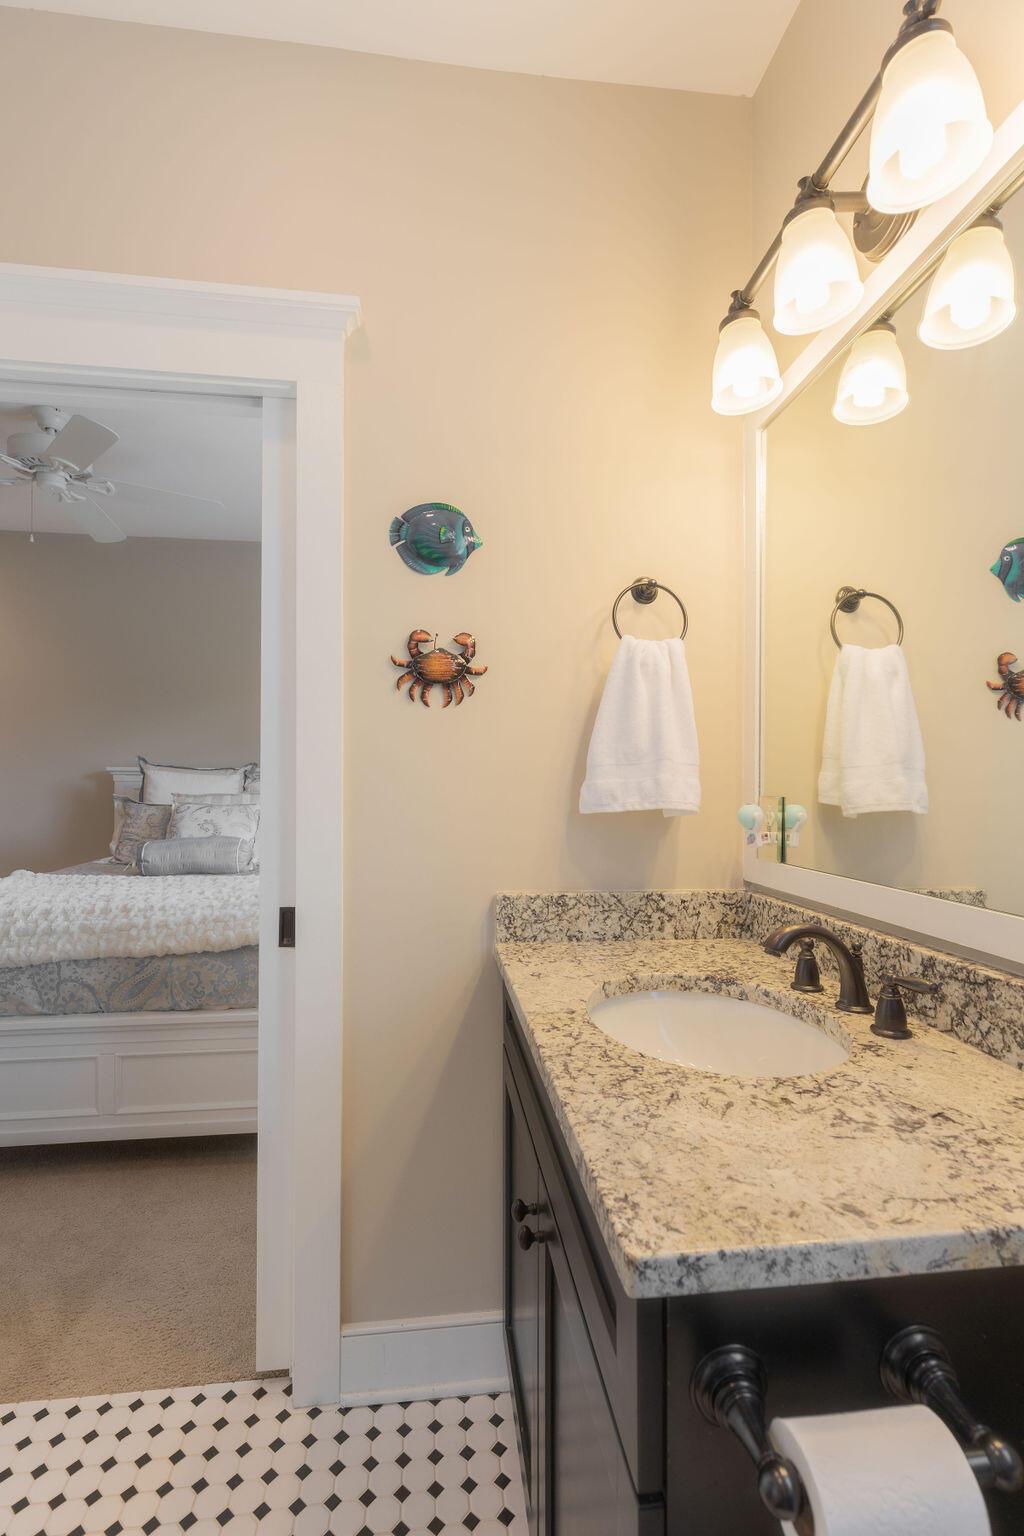 Dunes West Homes For Sale - 2705 Fountainhead, Mount Pleasant, SC - 47